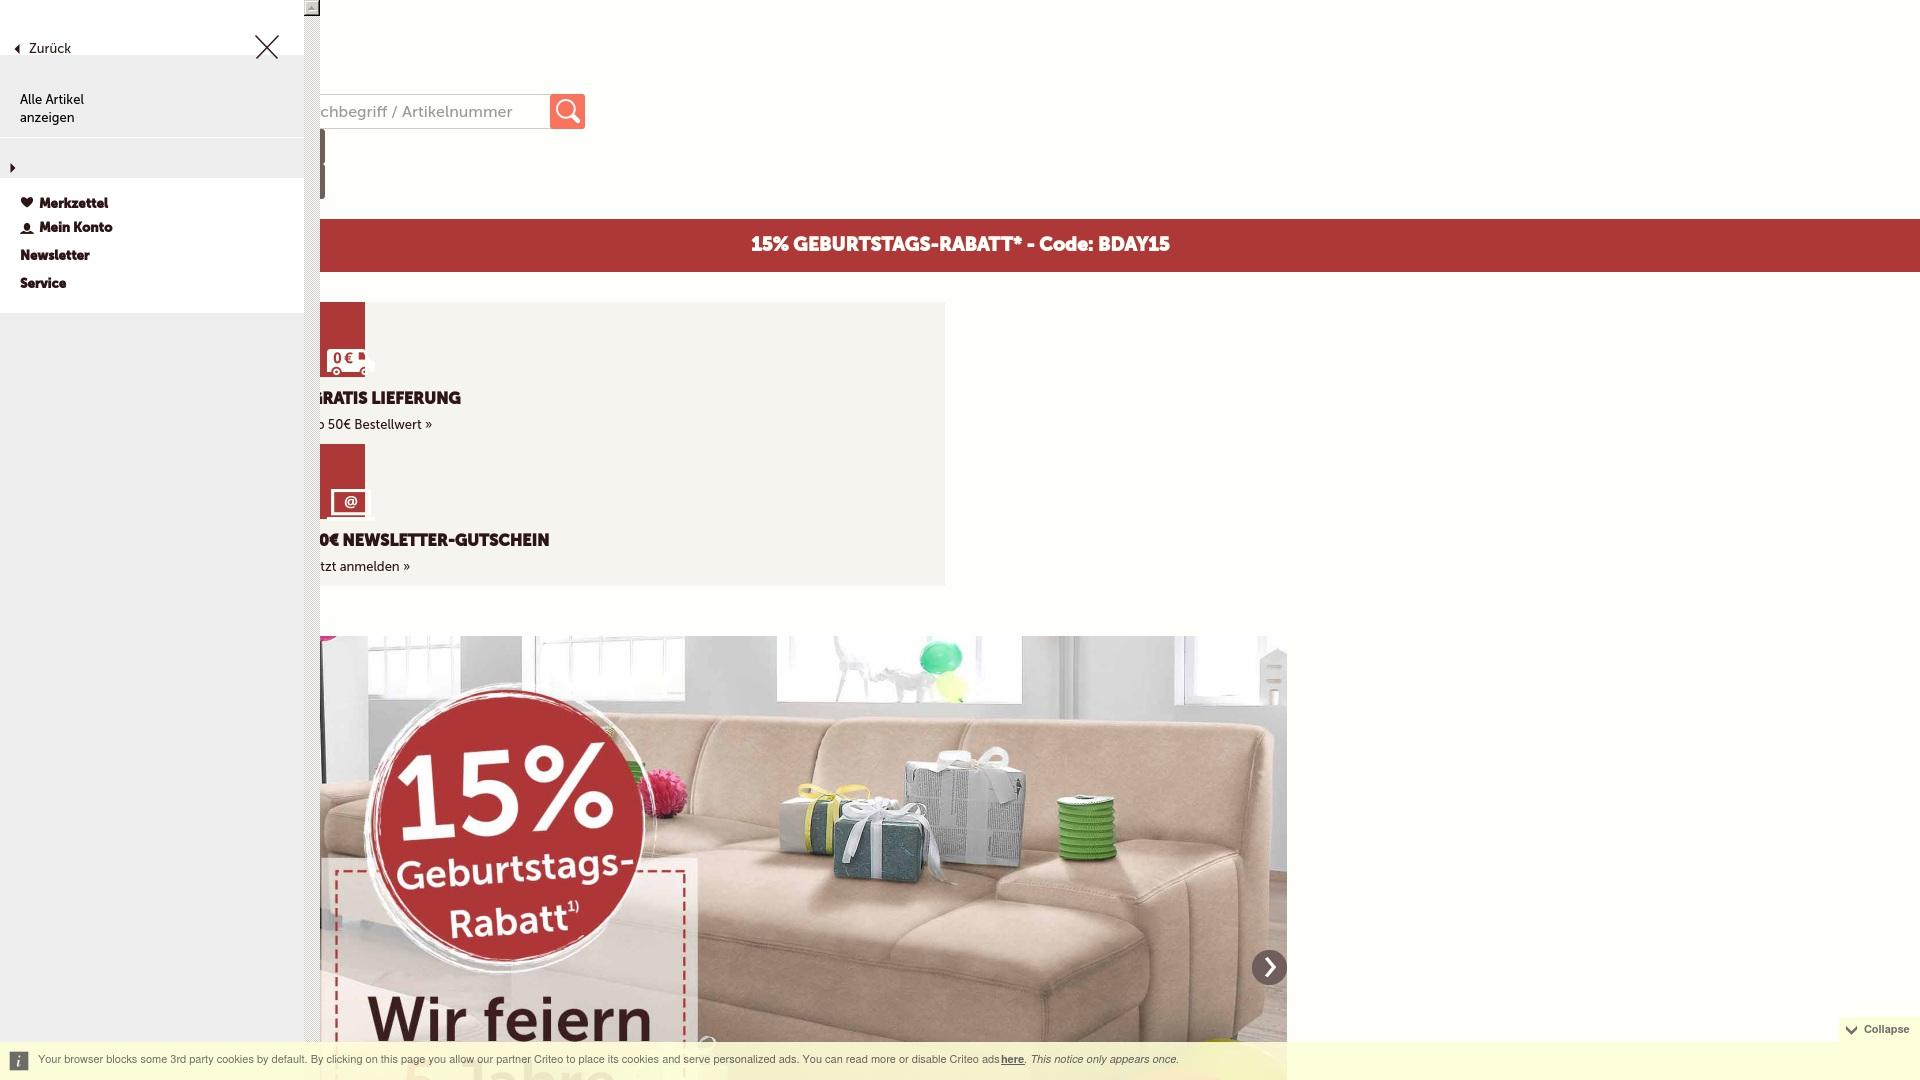 Gutschein für Cnouch: Rabatte für  Cnouch sichern